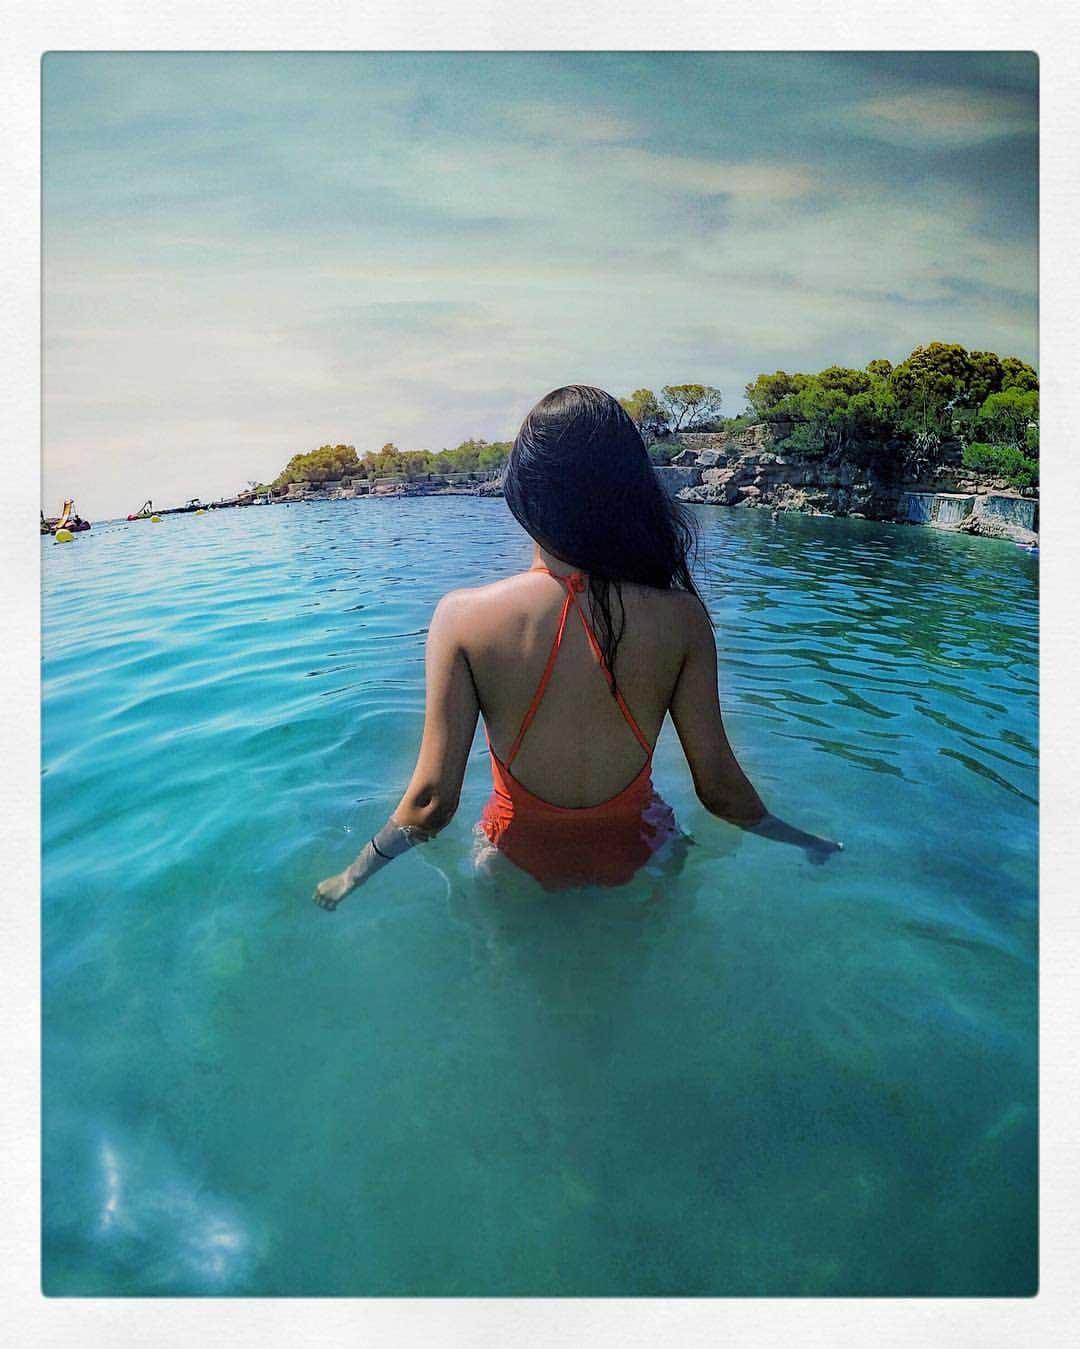 Amyra-Dastur-sizzles-in-bikini-in-sea-water